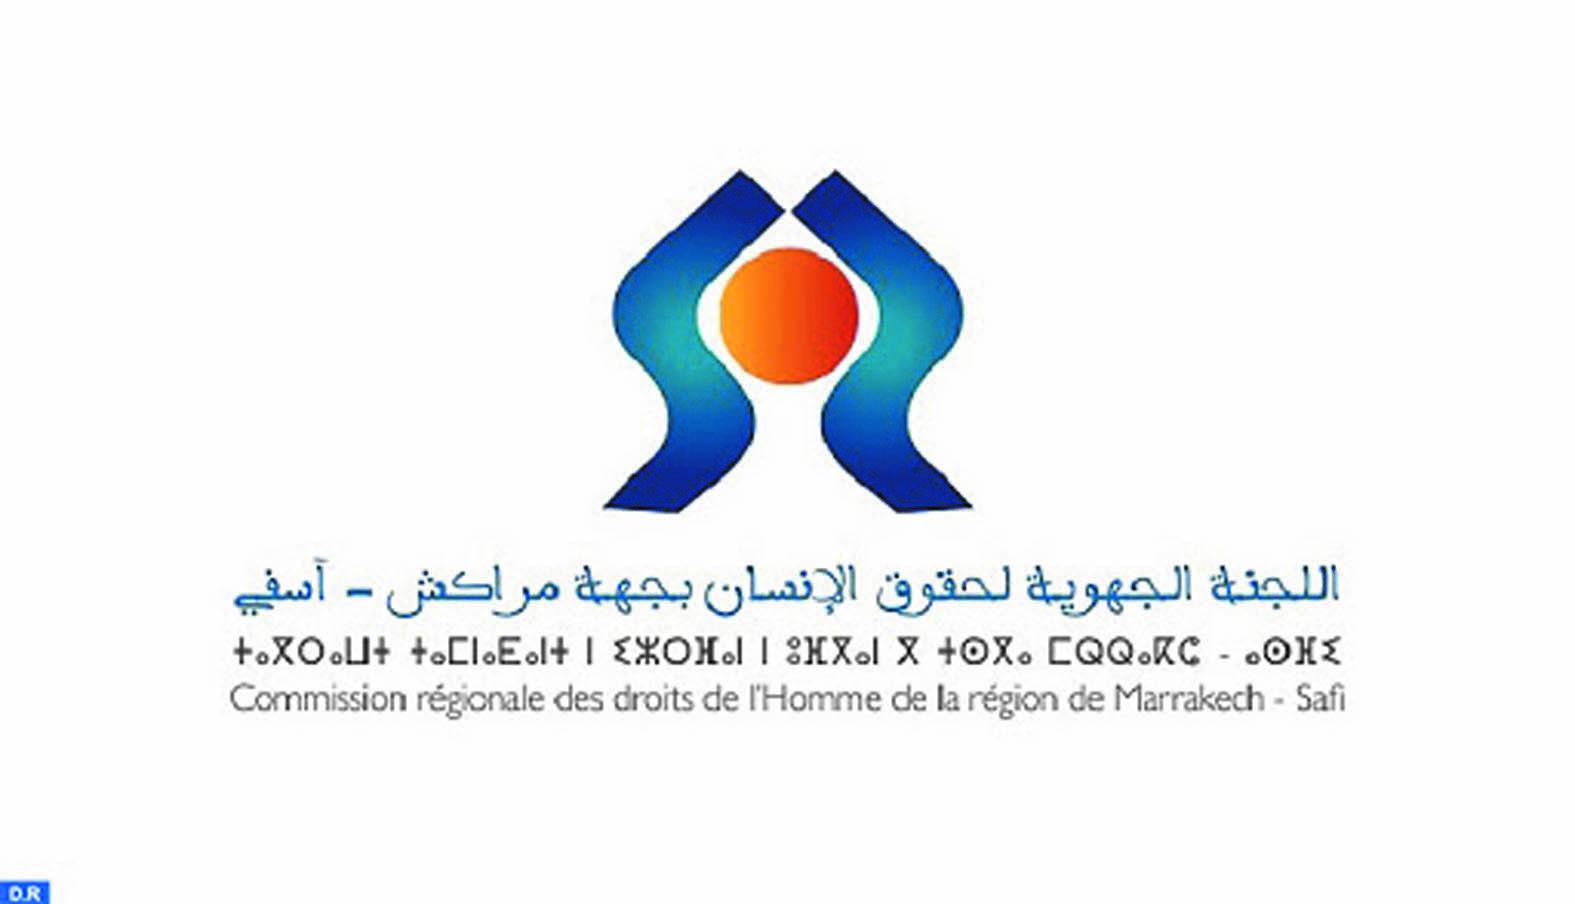 La CRDH de Marrakech-Safi renouvelle ses instances